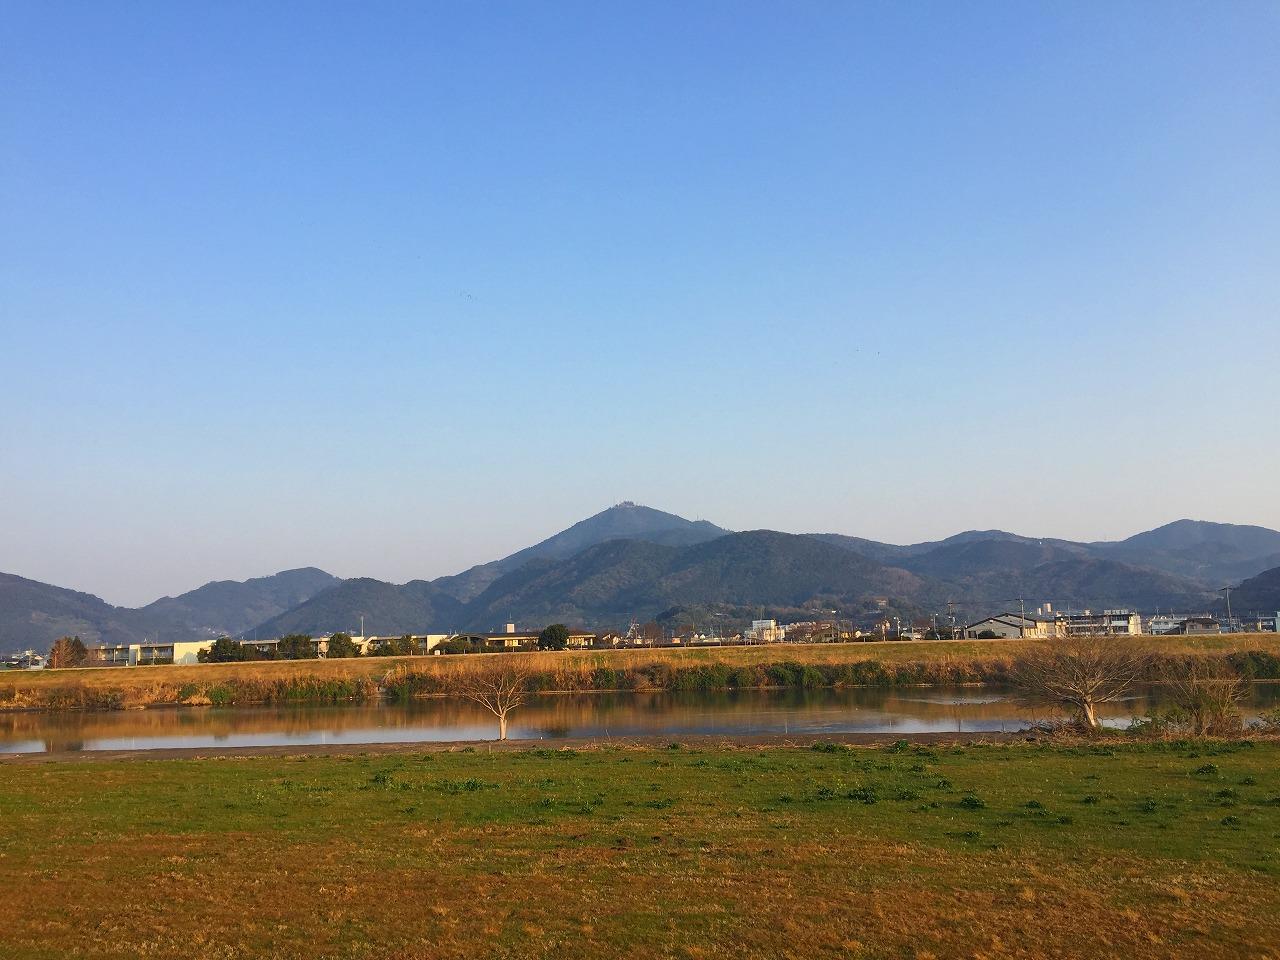 今朝の金峰山です。熊本です。